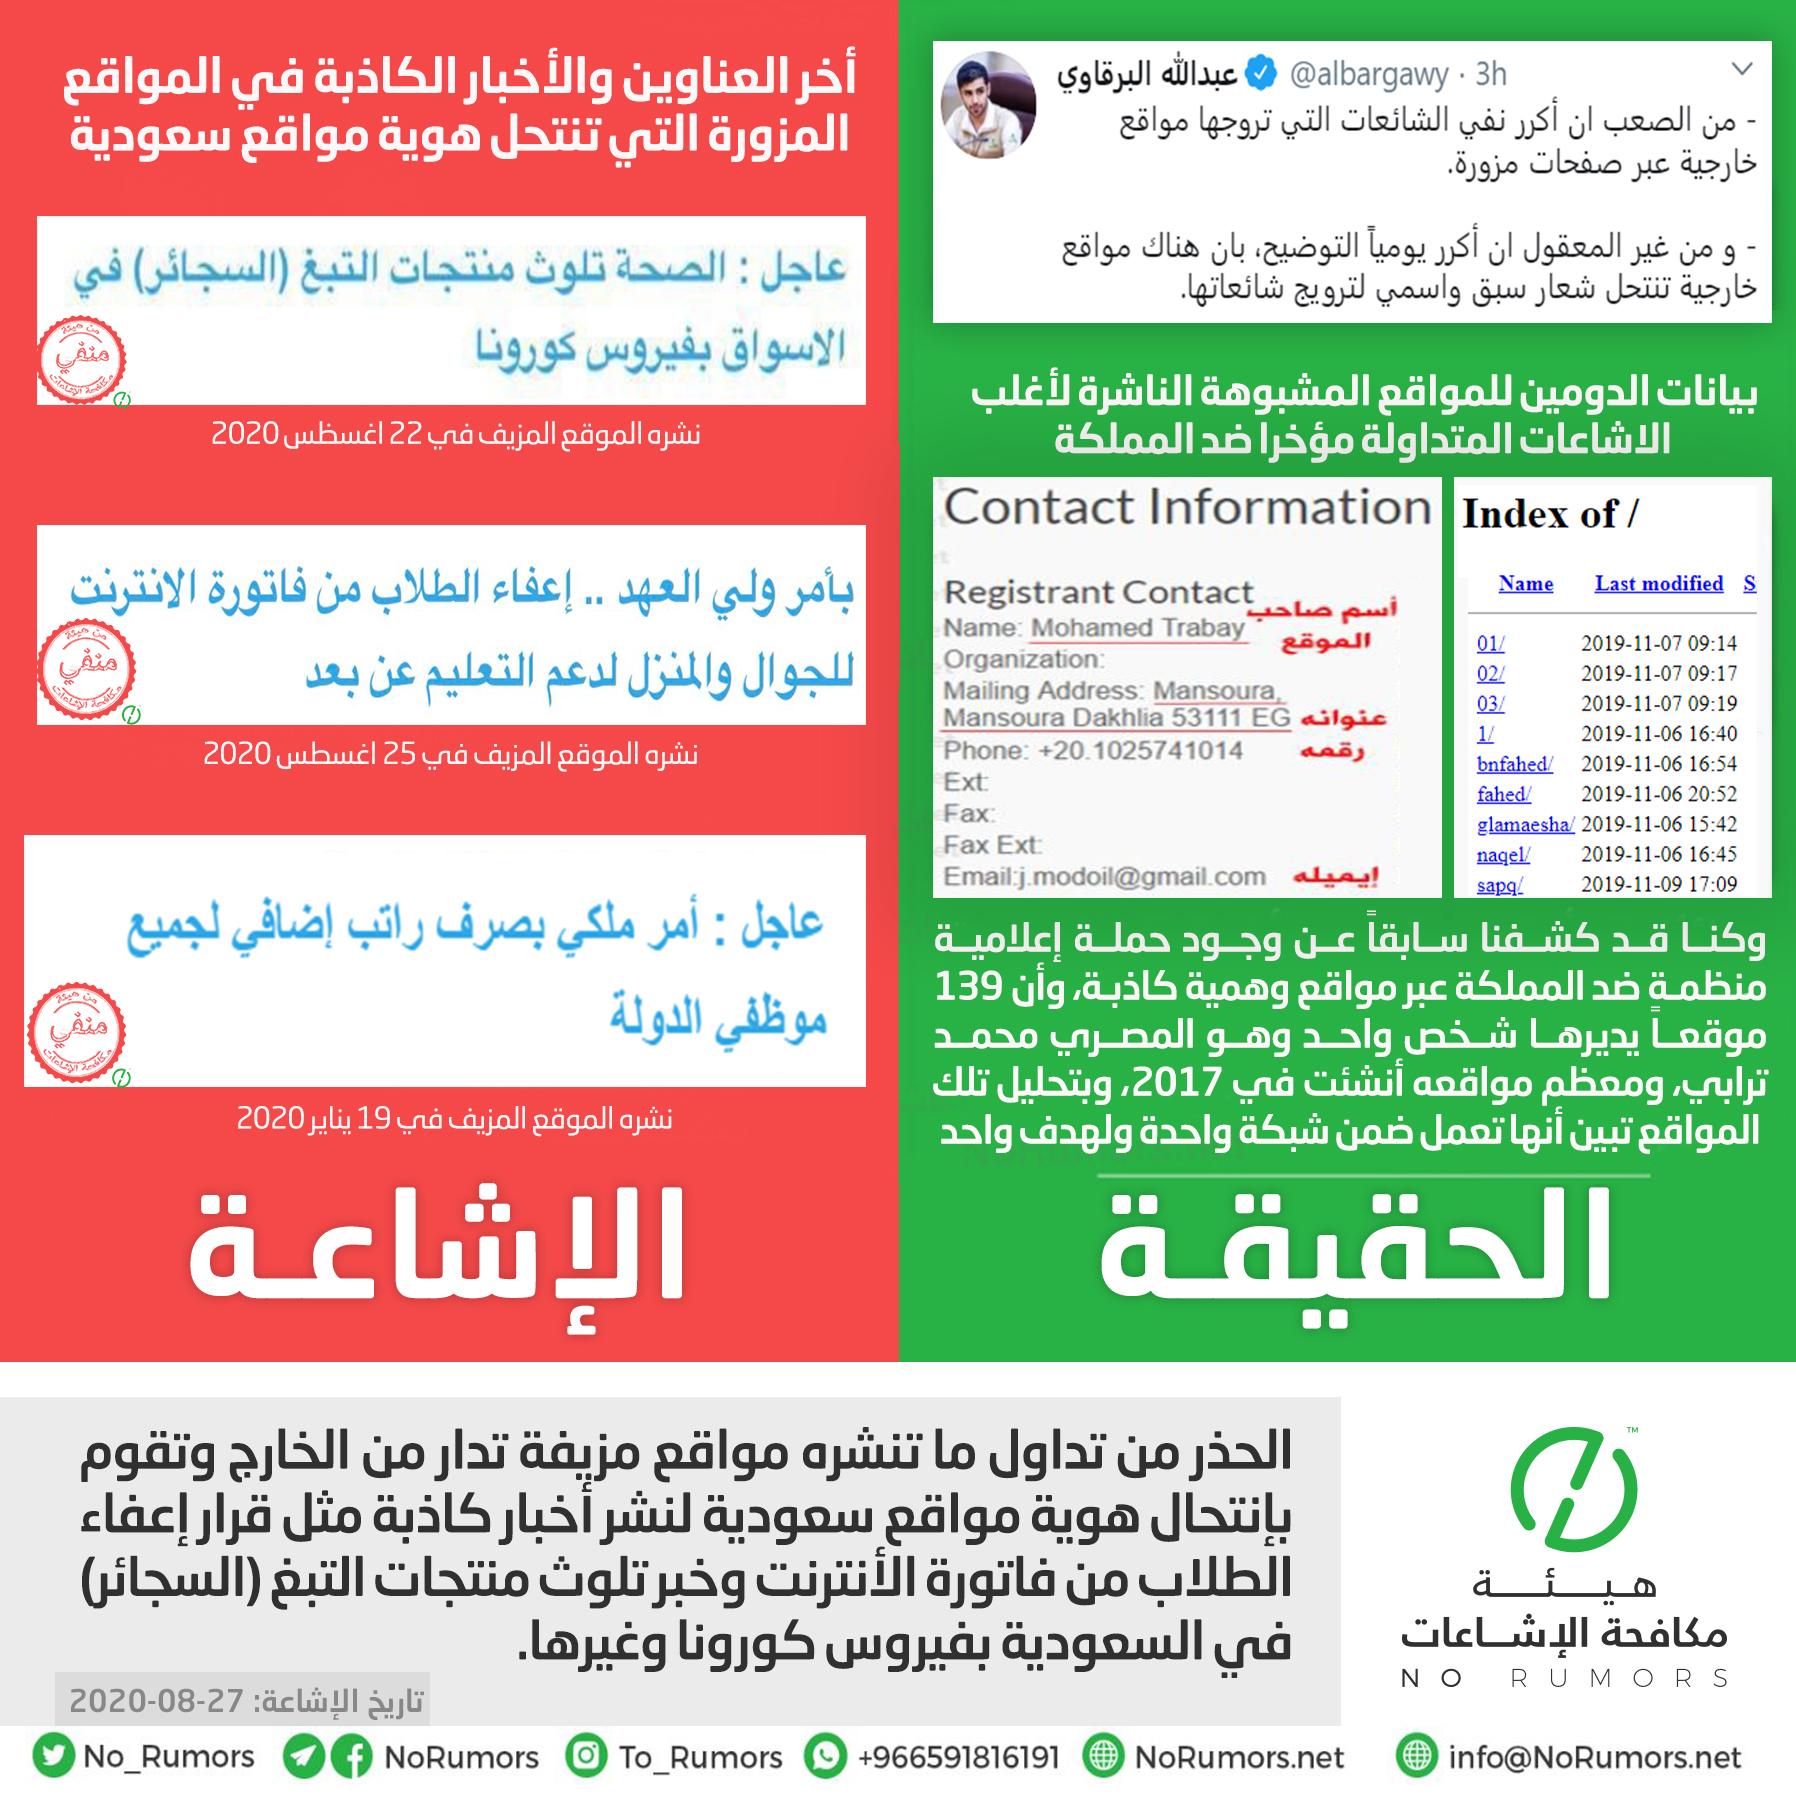 حقيقة ما تنشره مواقع مزيفة تدار من الخارج وتقوم بإنتحال هوية مواقع سعودية لنشر أخبار كاذبة مثل قرار إعفاء الطلاب من فاتورة الأنترنت وخبر تلوث منتجات التبغ (السجائر) في السعودية بفيروس كورونا وغيرها.